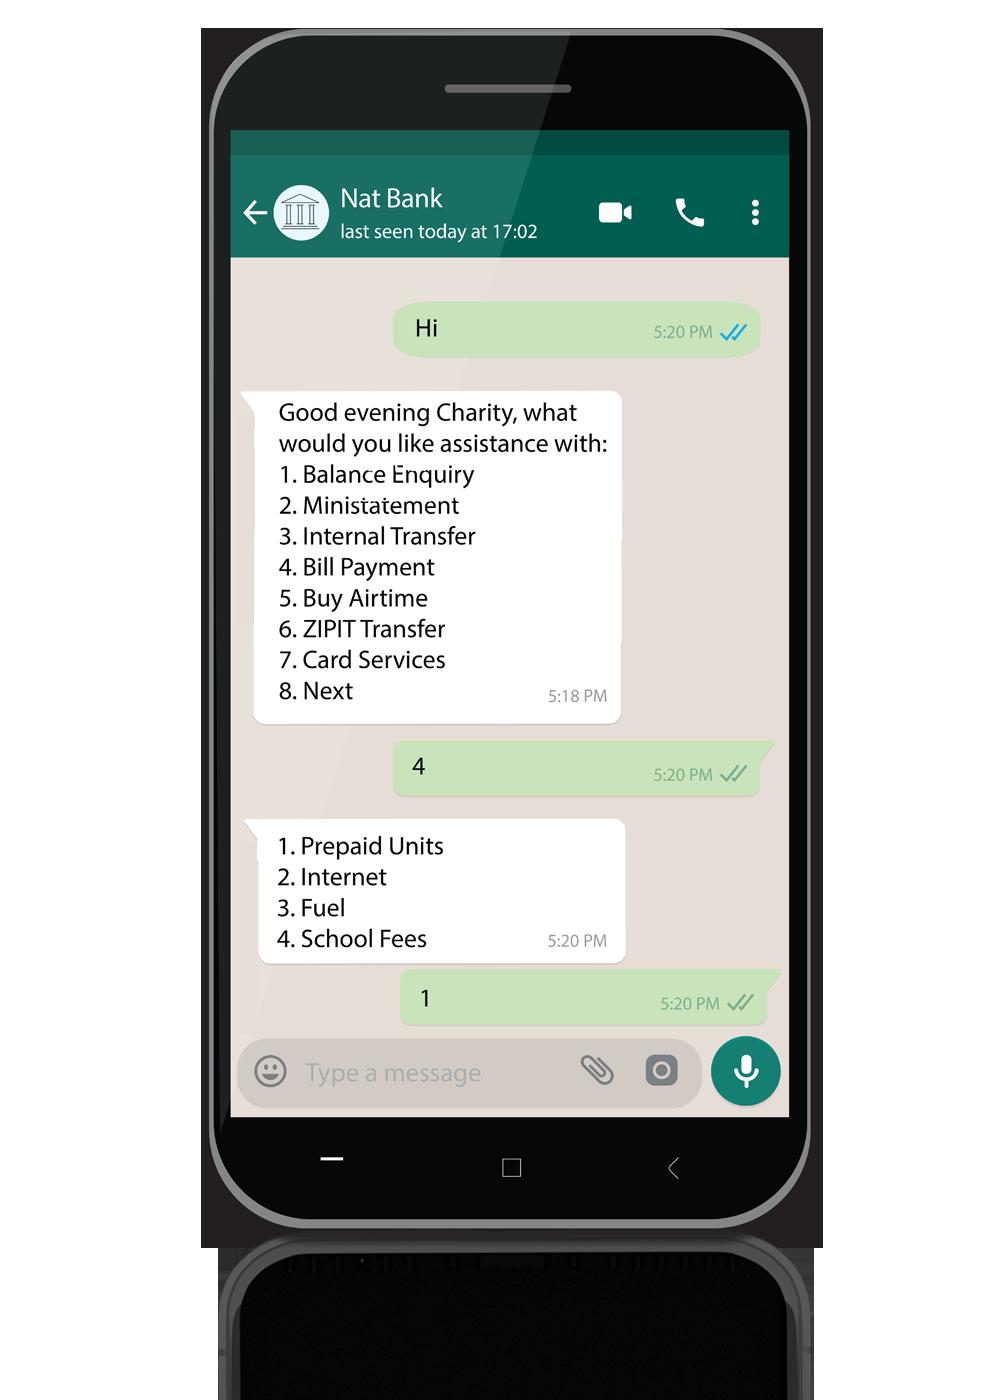 Gikko Whatsapp Chatbot